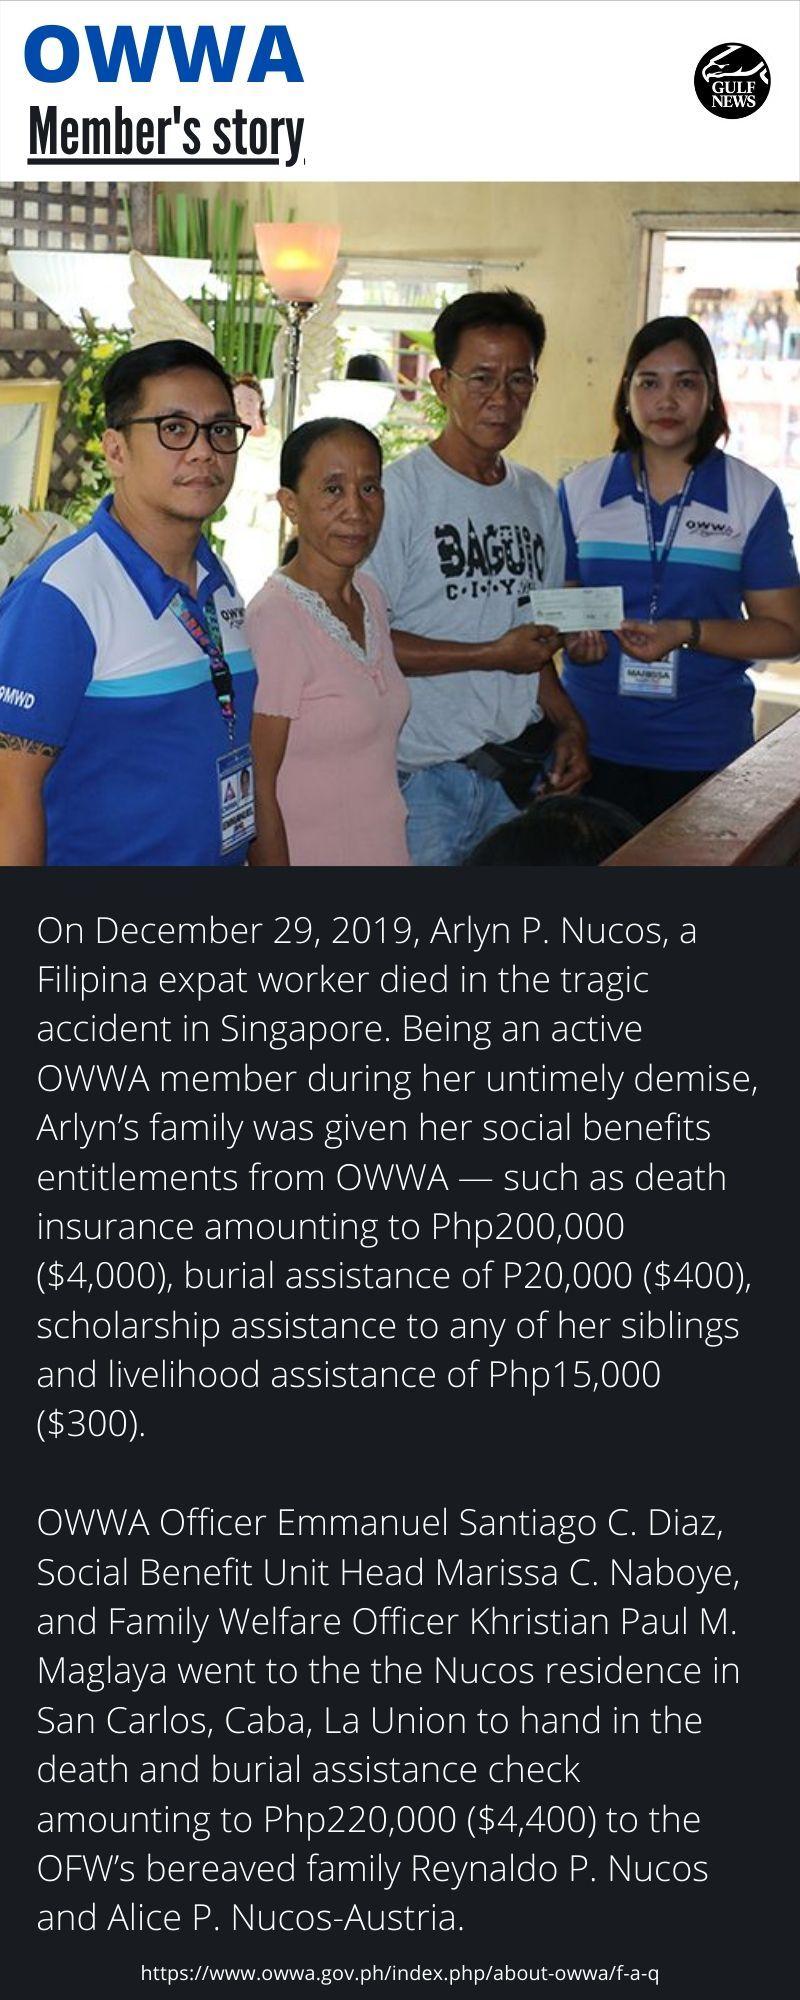 OWWA story